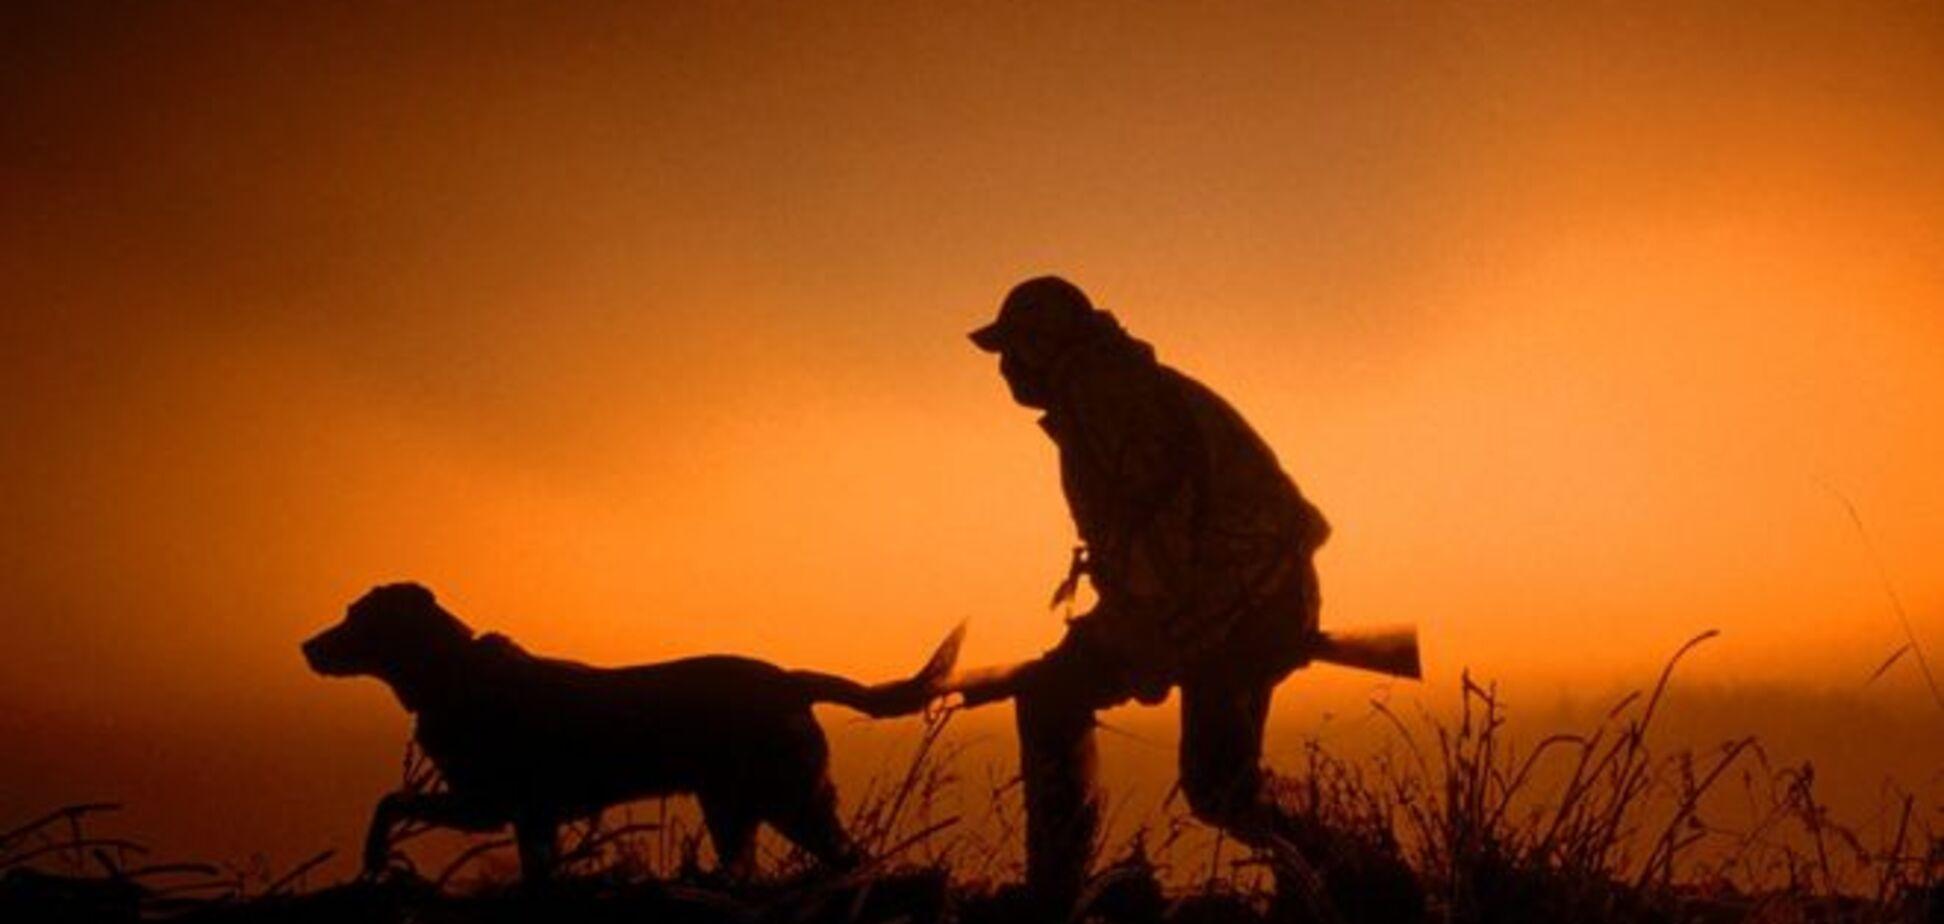 Сезон охоты-2015: эксперт рассказал об оружии из зоны АТО и главных правилах